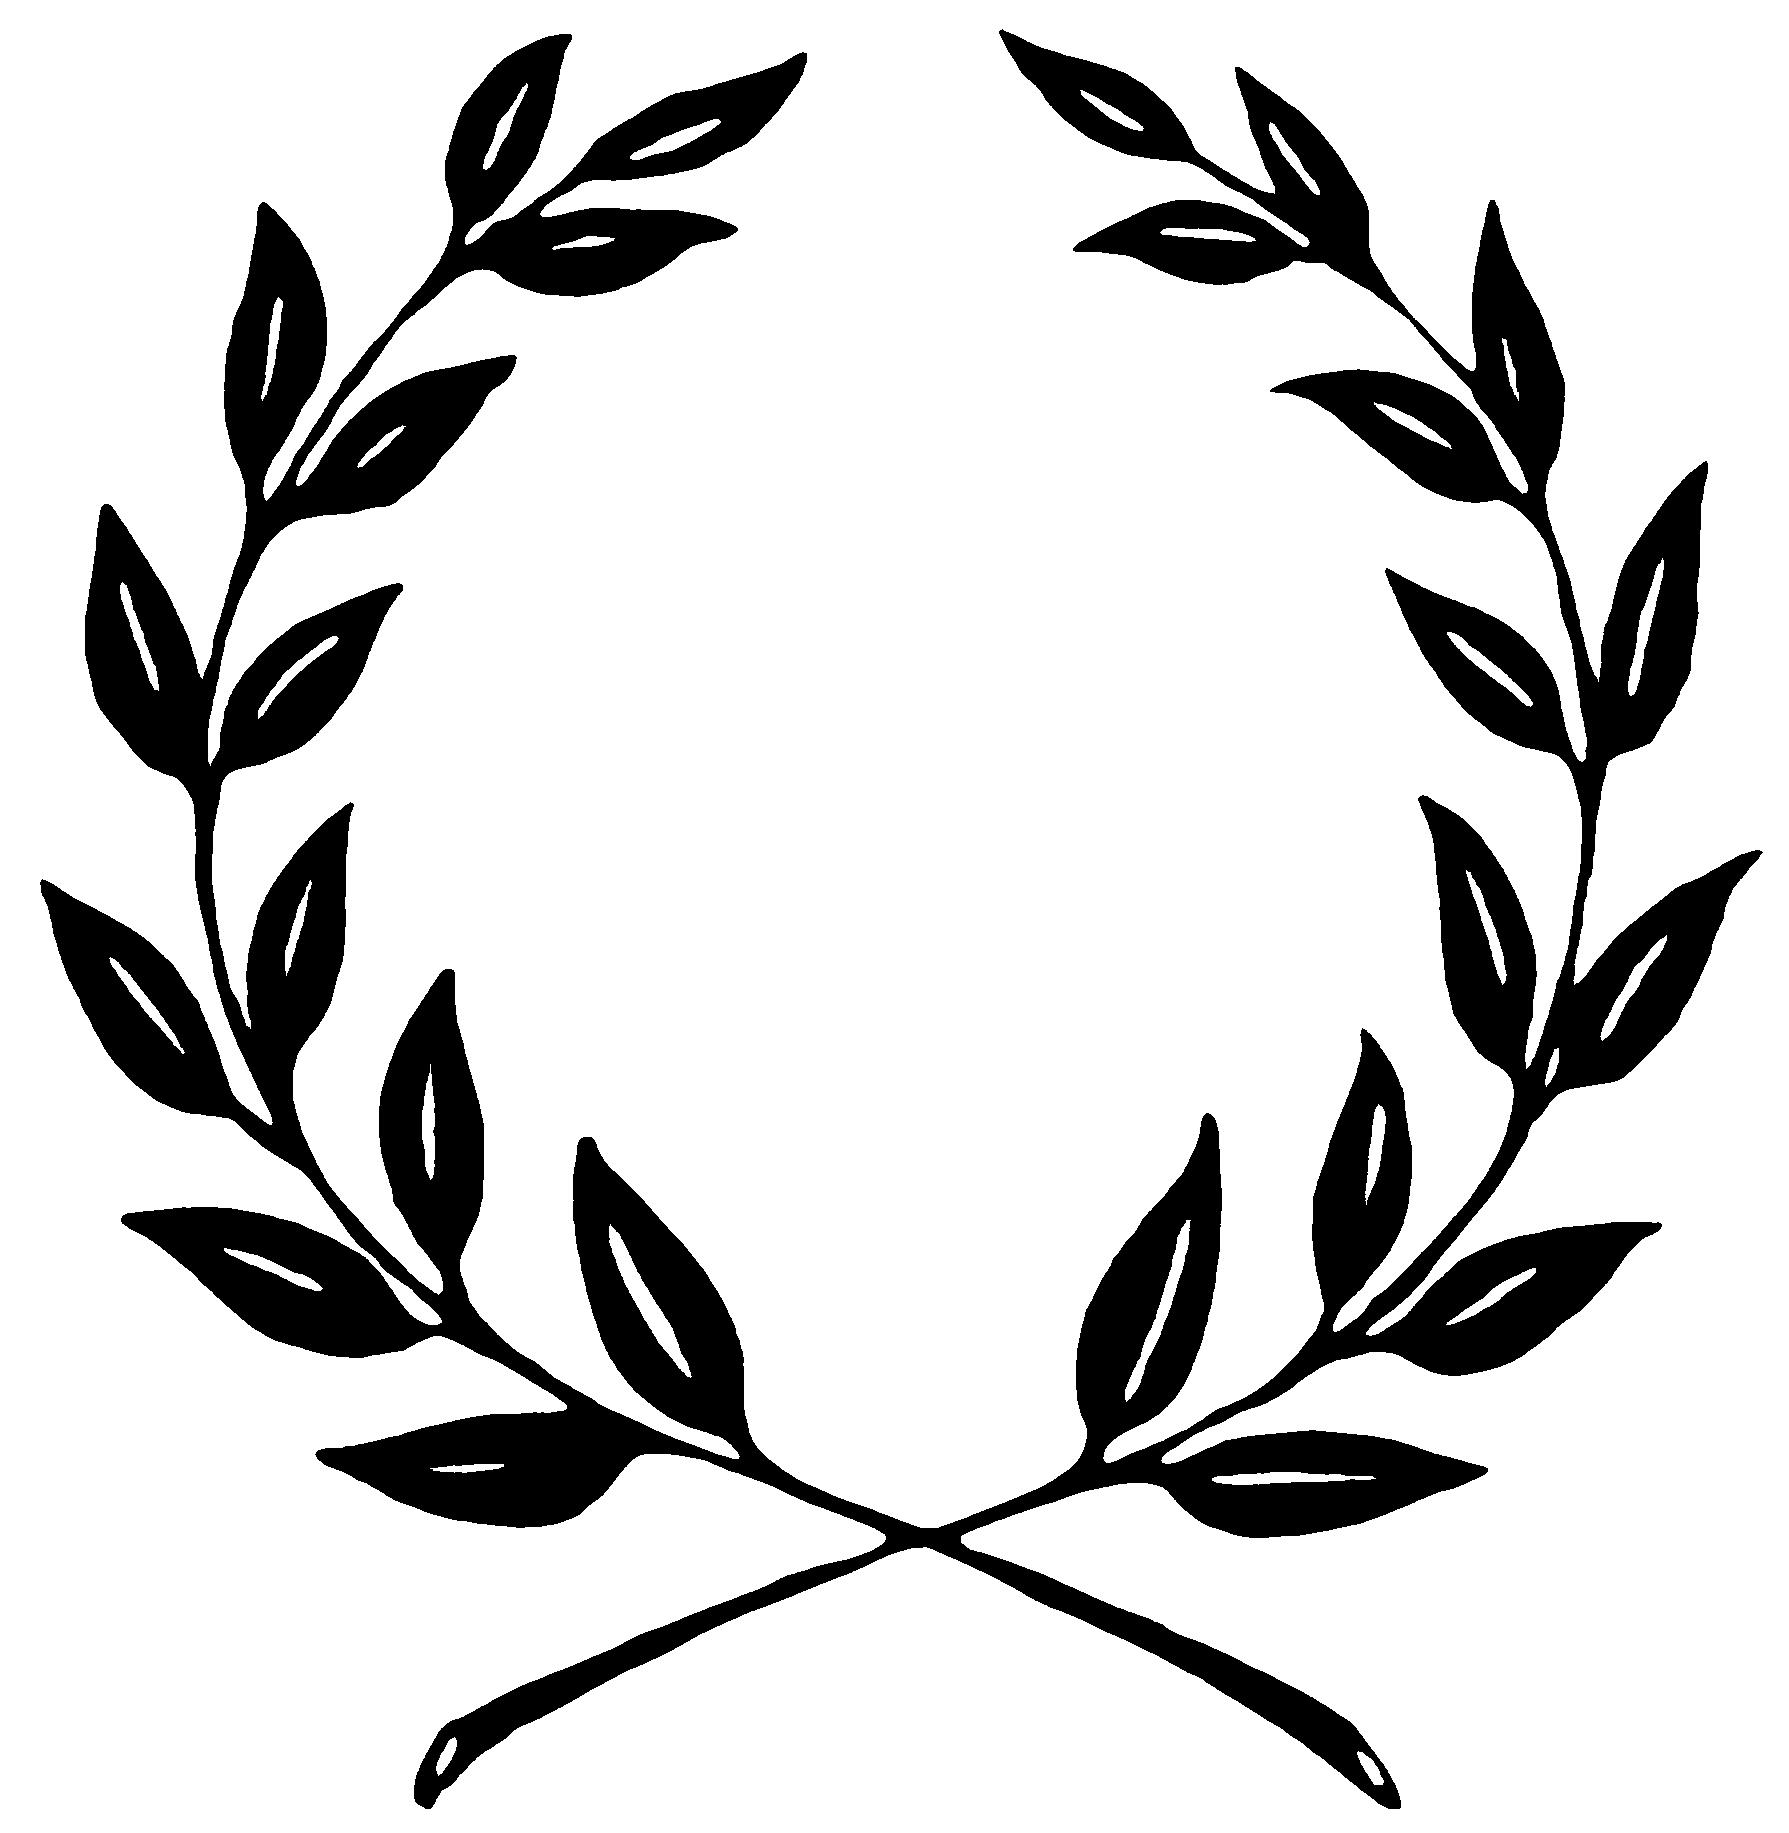 Wreath Flourish